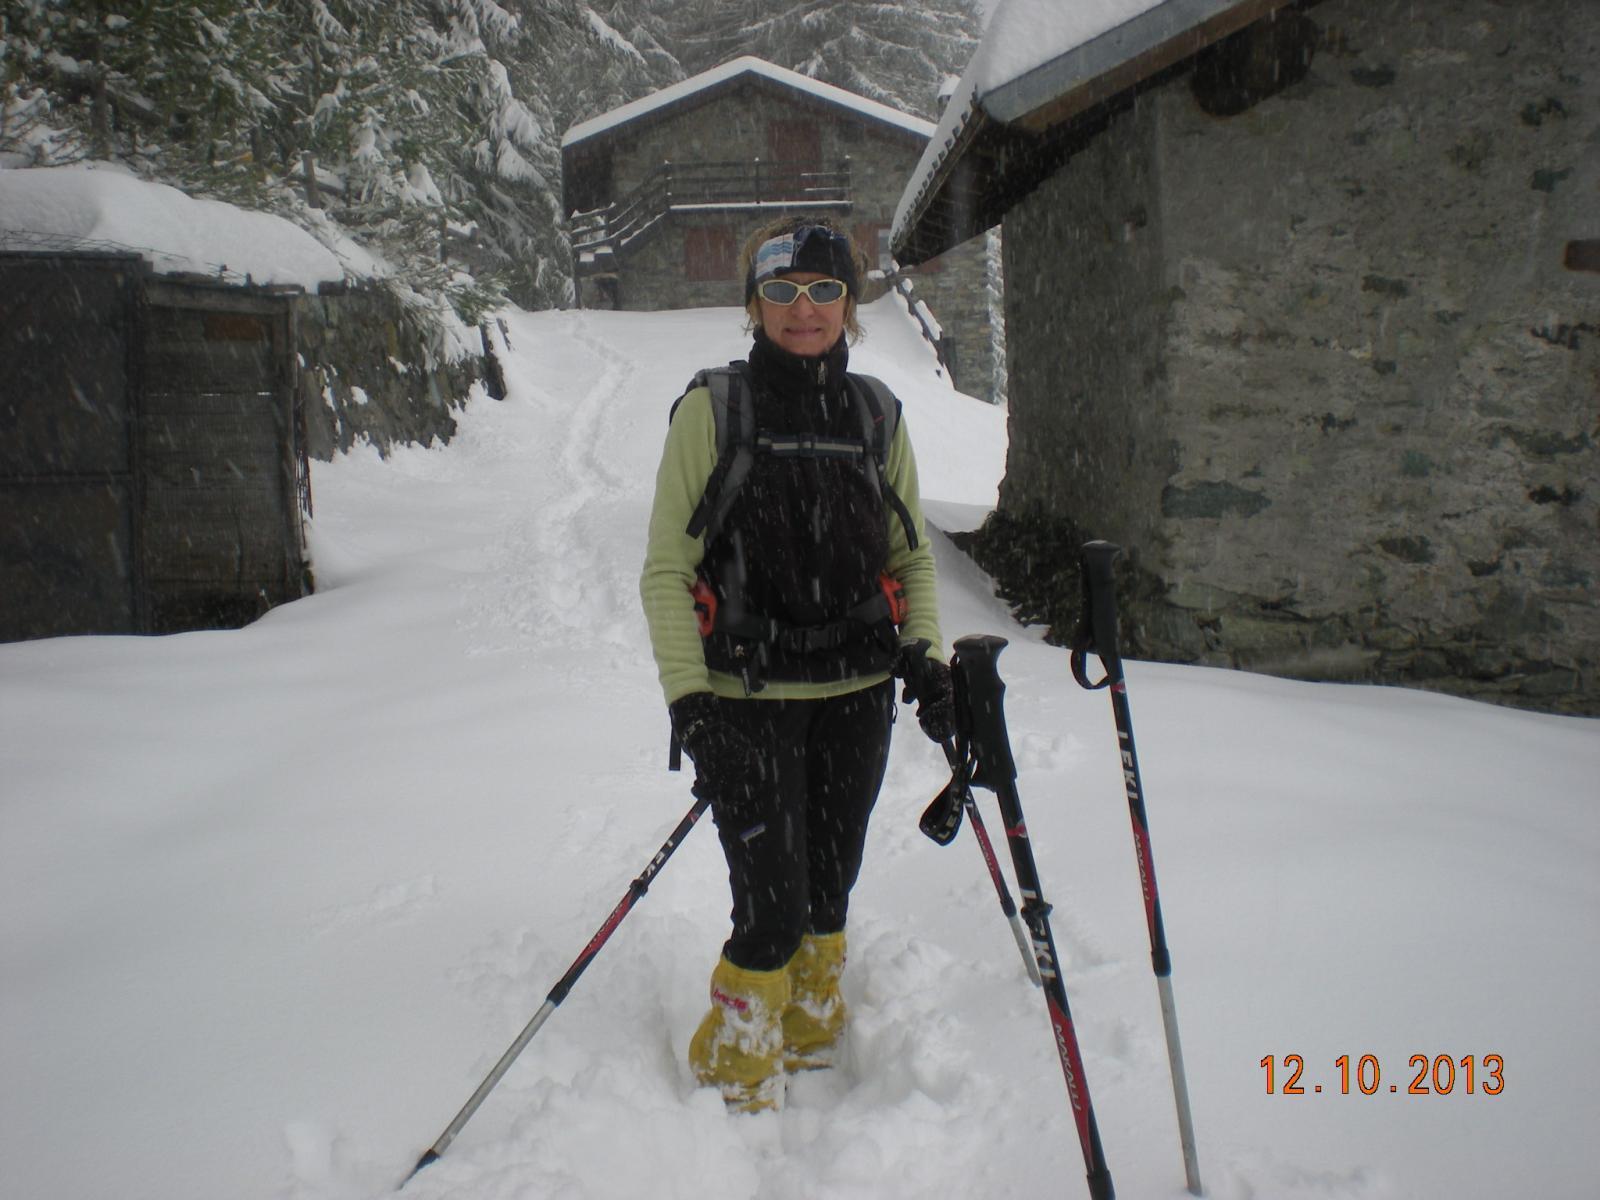 Germana all'Alpe di Valmeriana